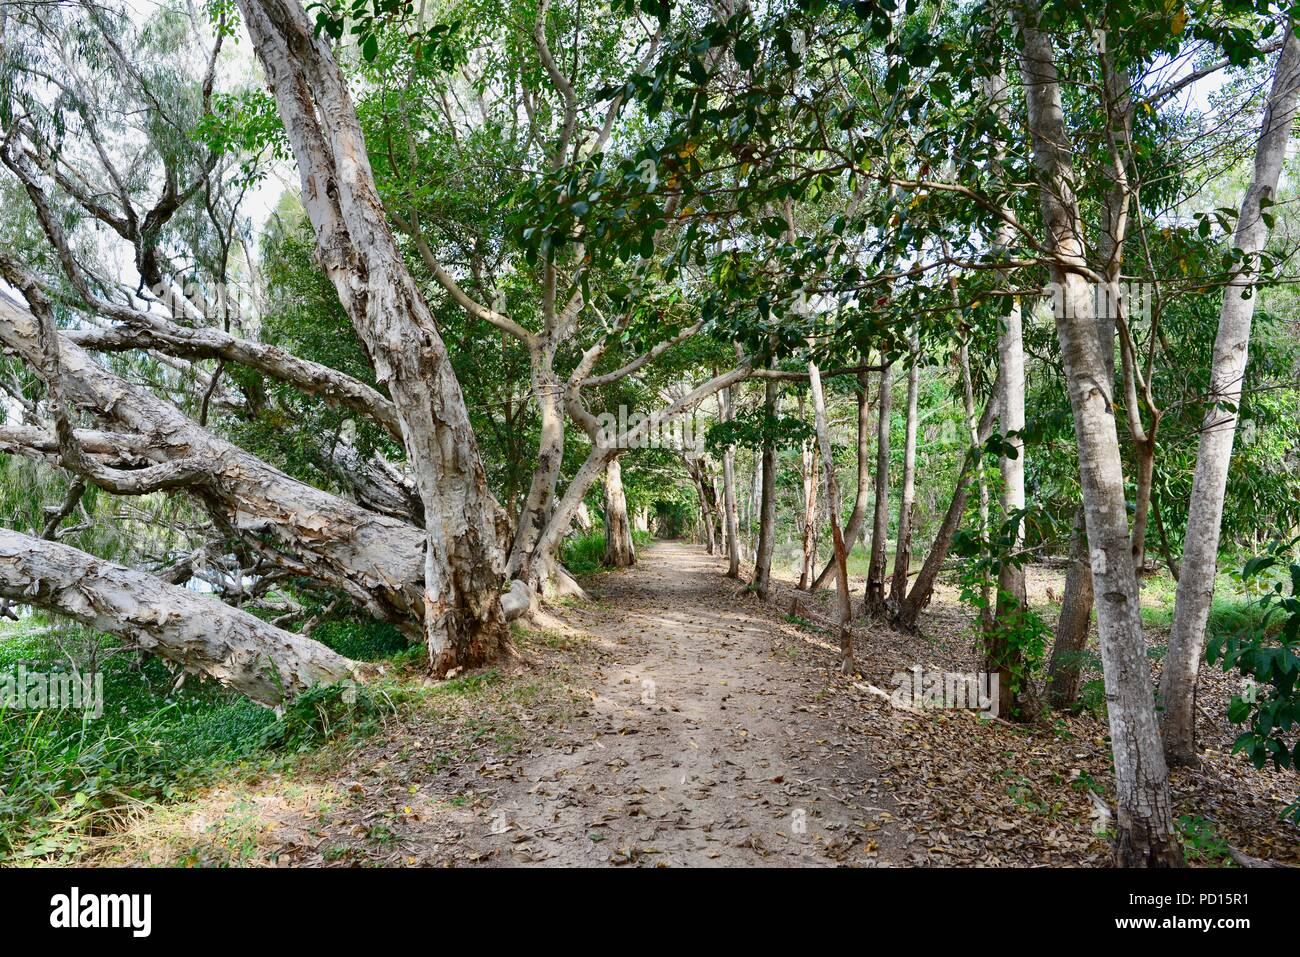 Melaleucas Paperbark o creciendo cerca de un río, Booroona sendero en el Ross River, Rasmussen QLD 4815, Australia Foto de stock